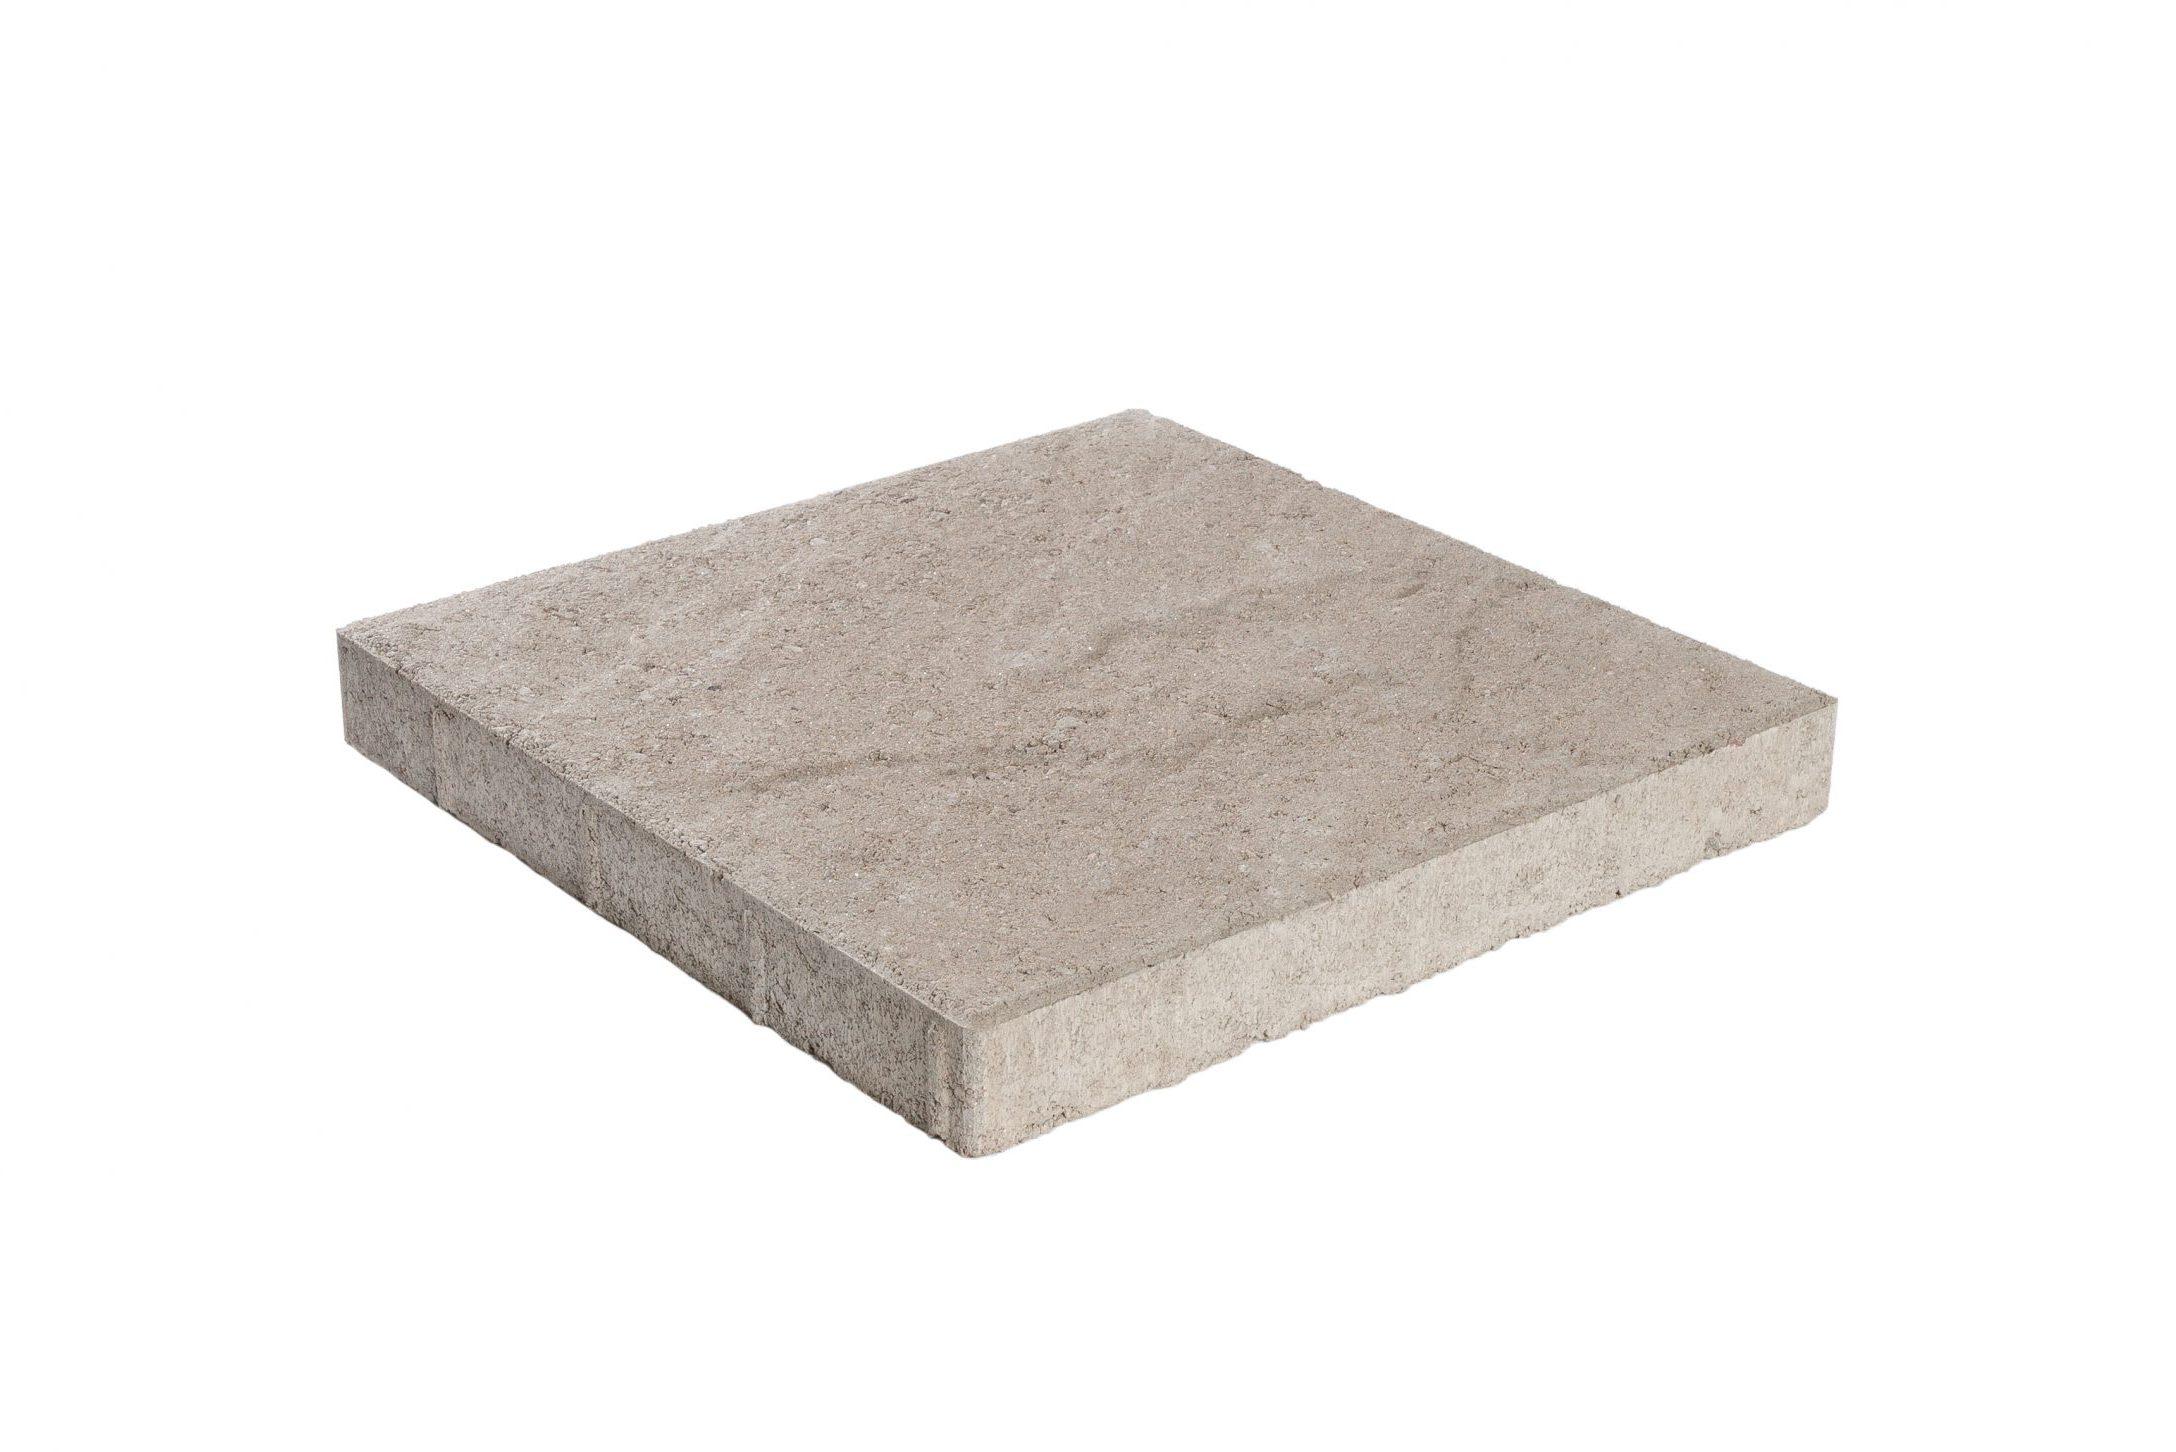 Pintaprofiloitu betonilaatta 398x398x50 harmaa